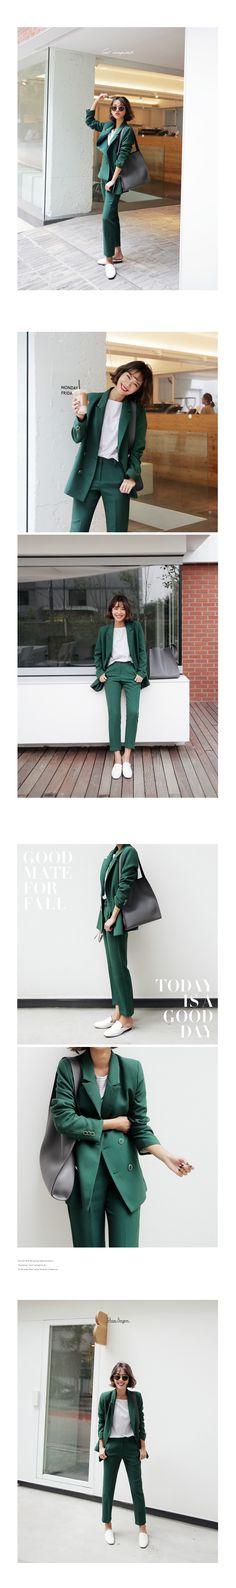 スリムスラックスパンツ・全2色パンツ・ズボンパンツ・ズボン|レディースファッション通販 DHOLICディーホリック [ファストファッション 水着 ワンピース]